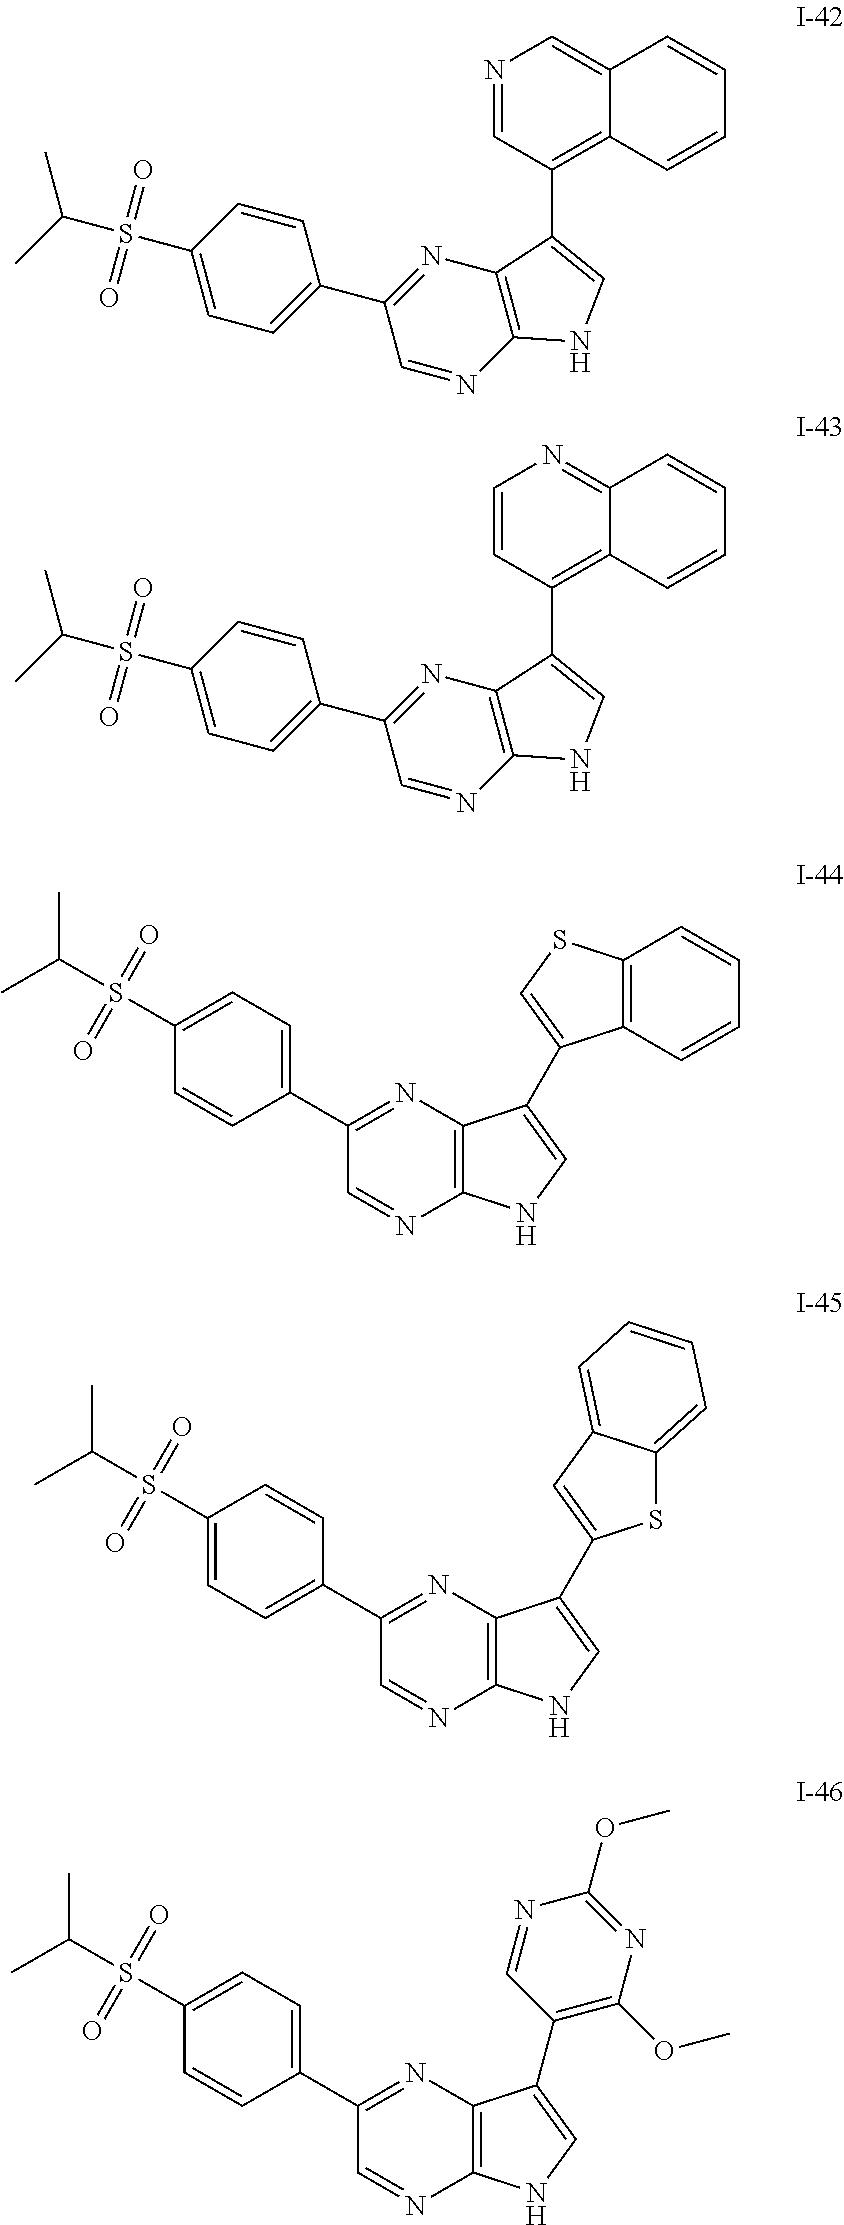 Figure US20120046295A1-20120223-C00166